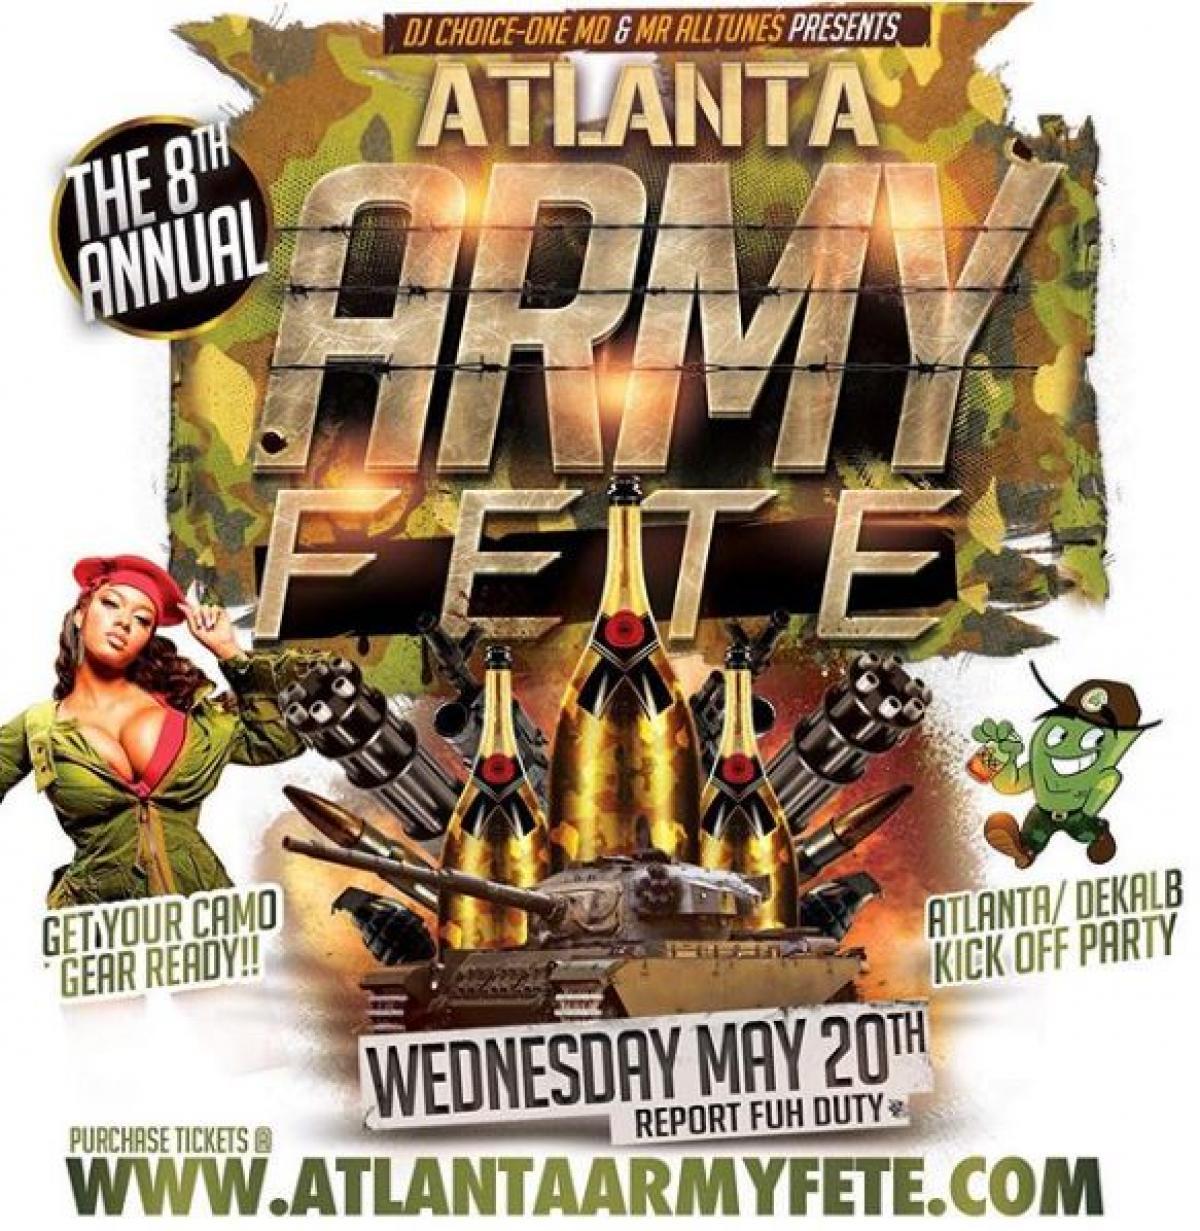 Atlanta Army Fete flyer or graphic.